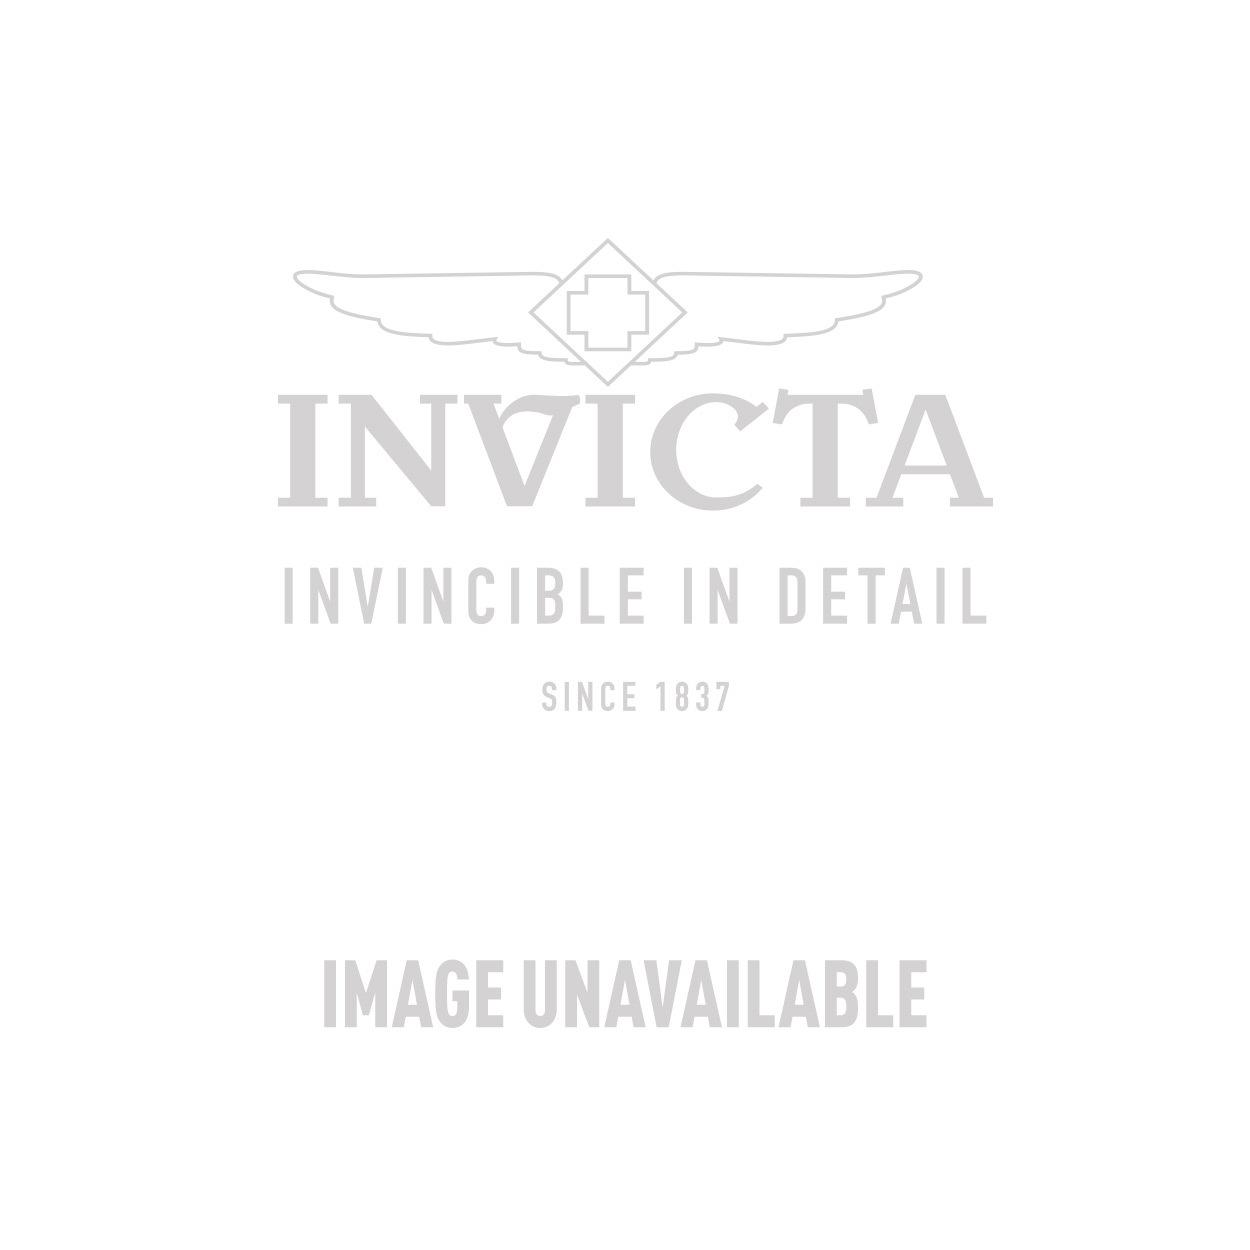 Invicta Model 25568